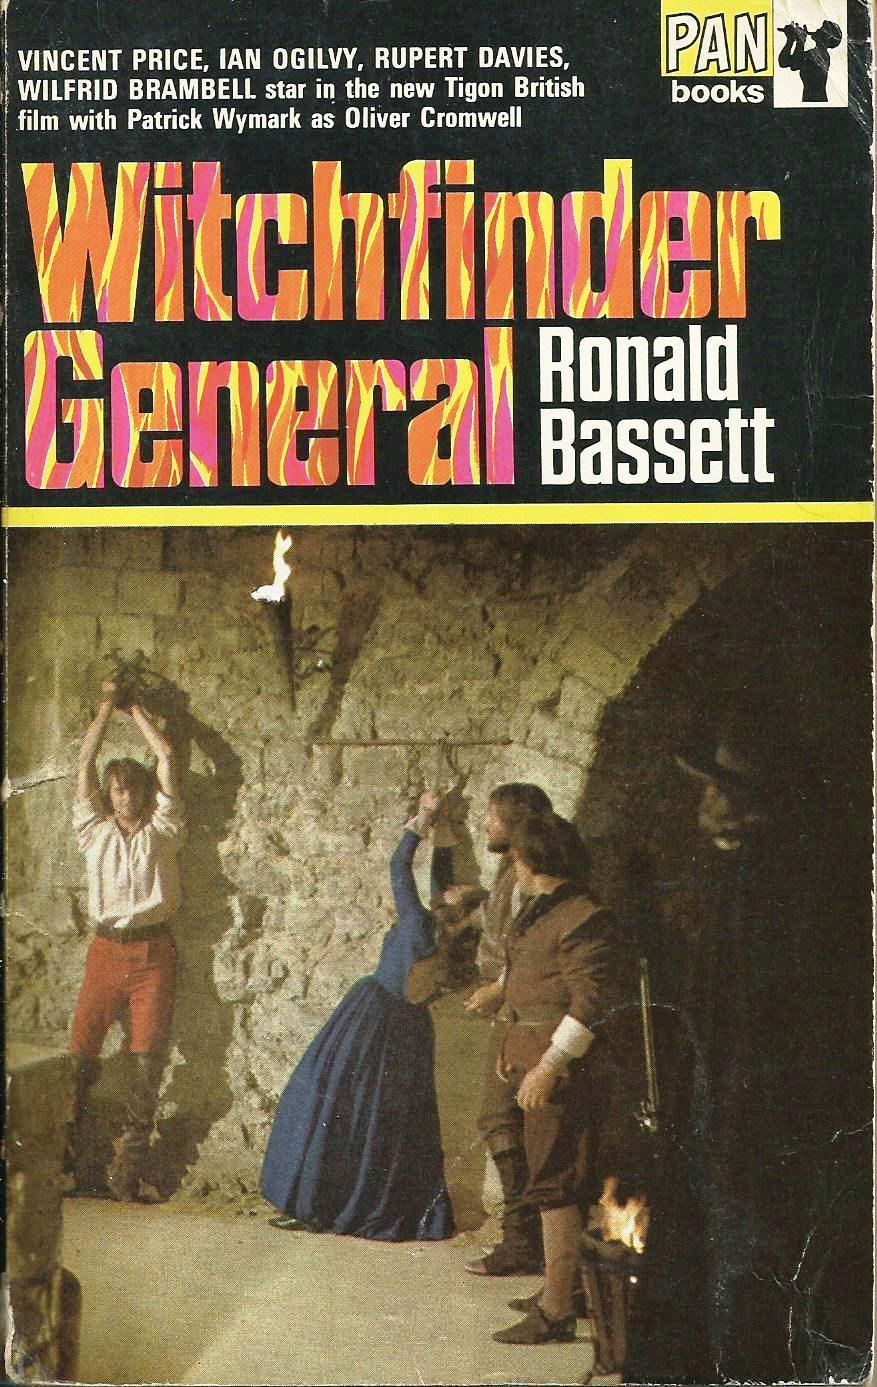 HMM witchfinder general book